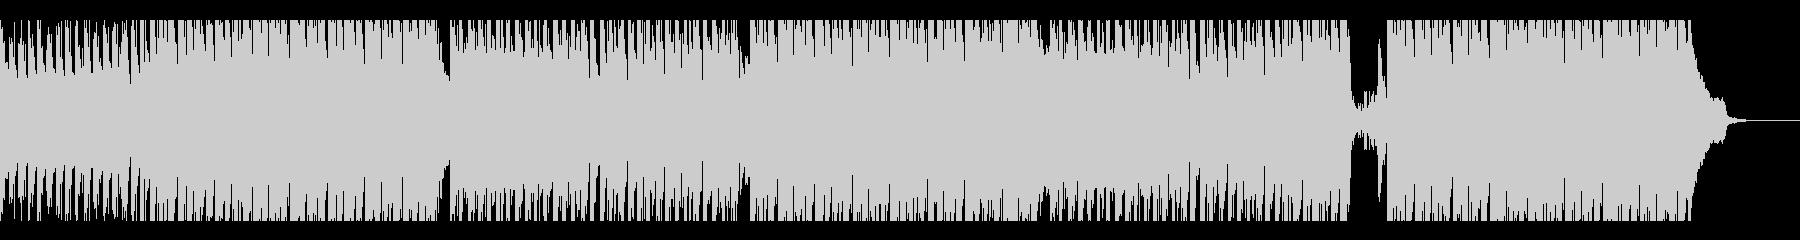 軽快で爽やかなテクノBGMの未再生の波形